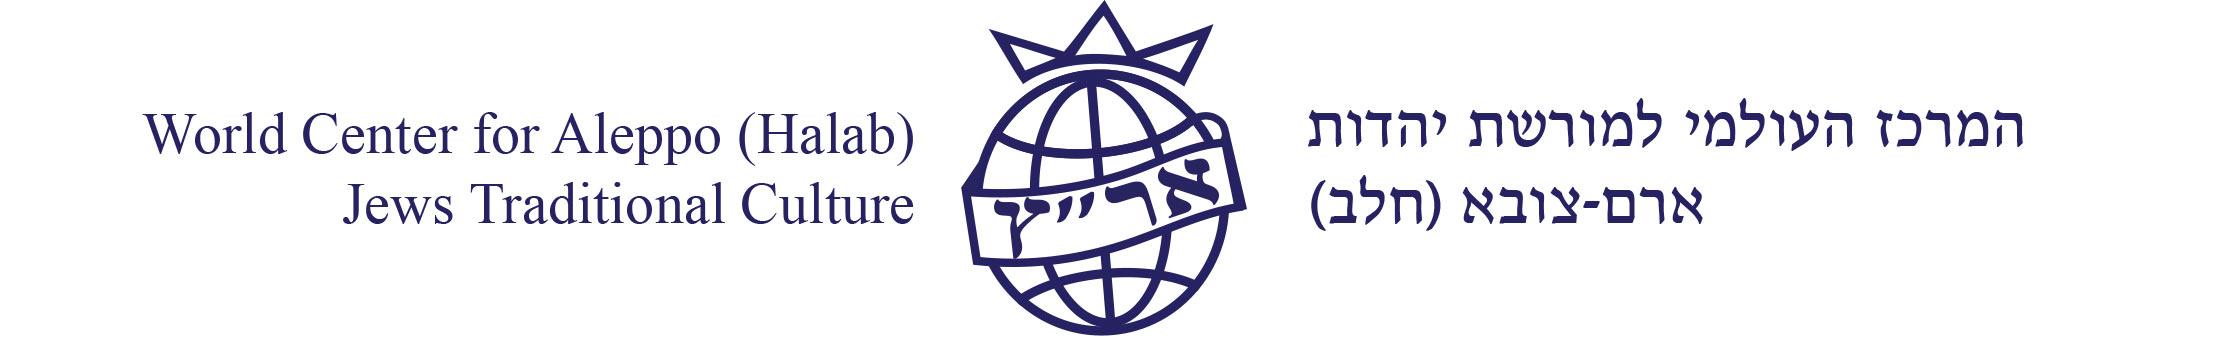 המרכז העולמי למורשת ארם צובא